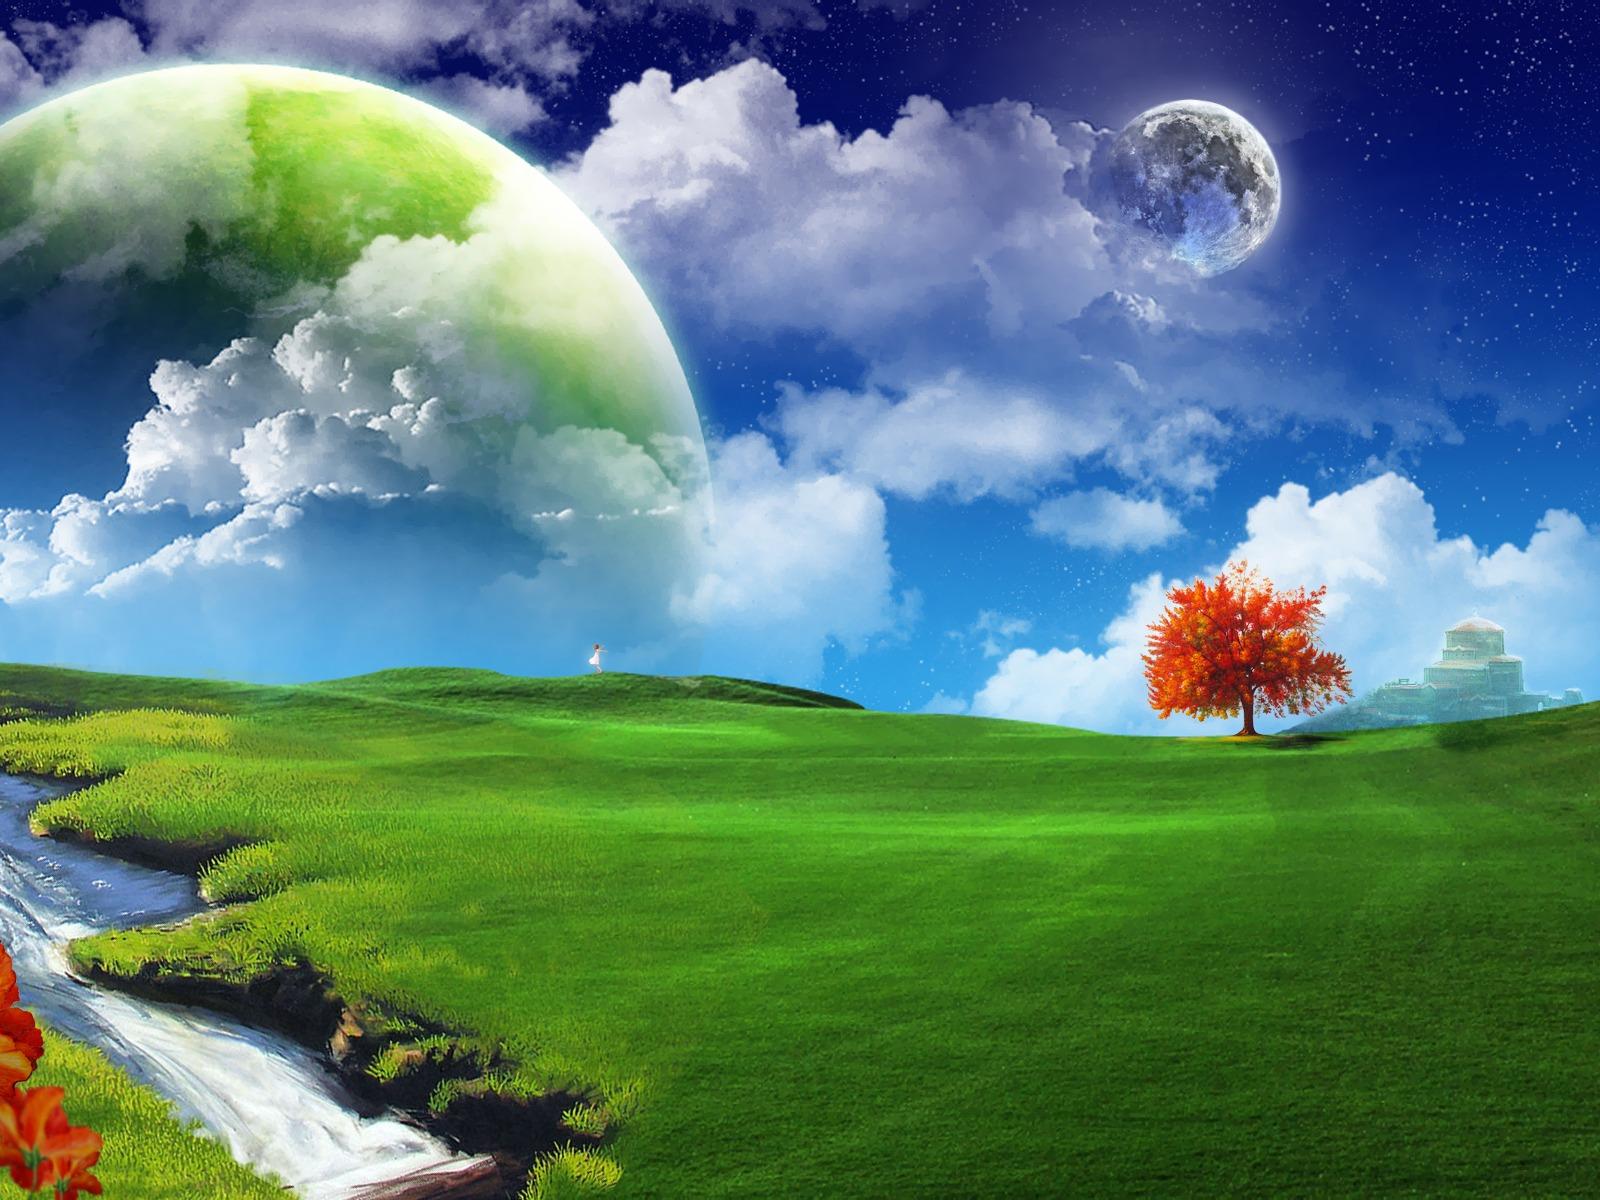 луна большая днем над зеленой поляной, moon wallpaper, скачать обои для рабочего стола